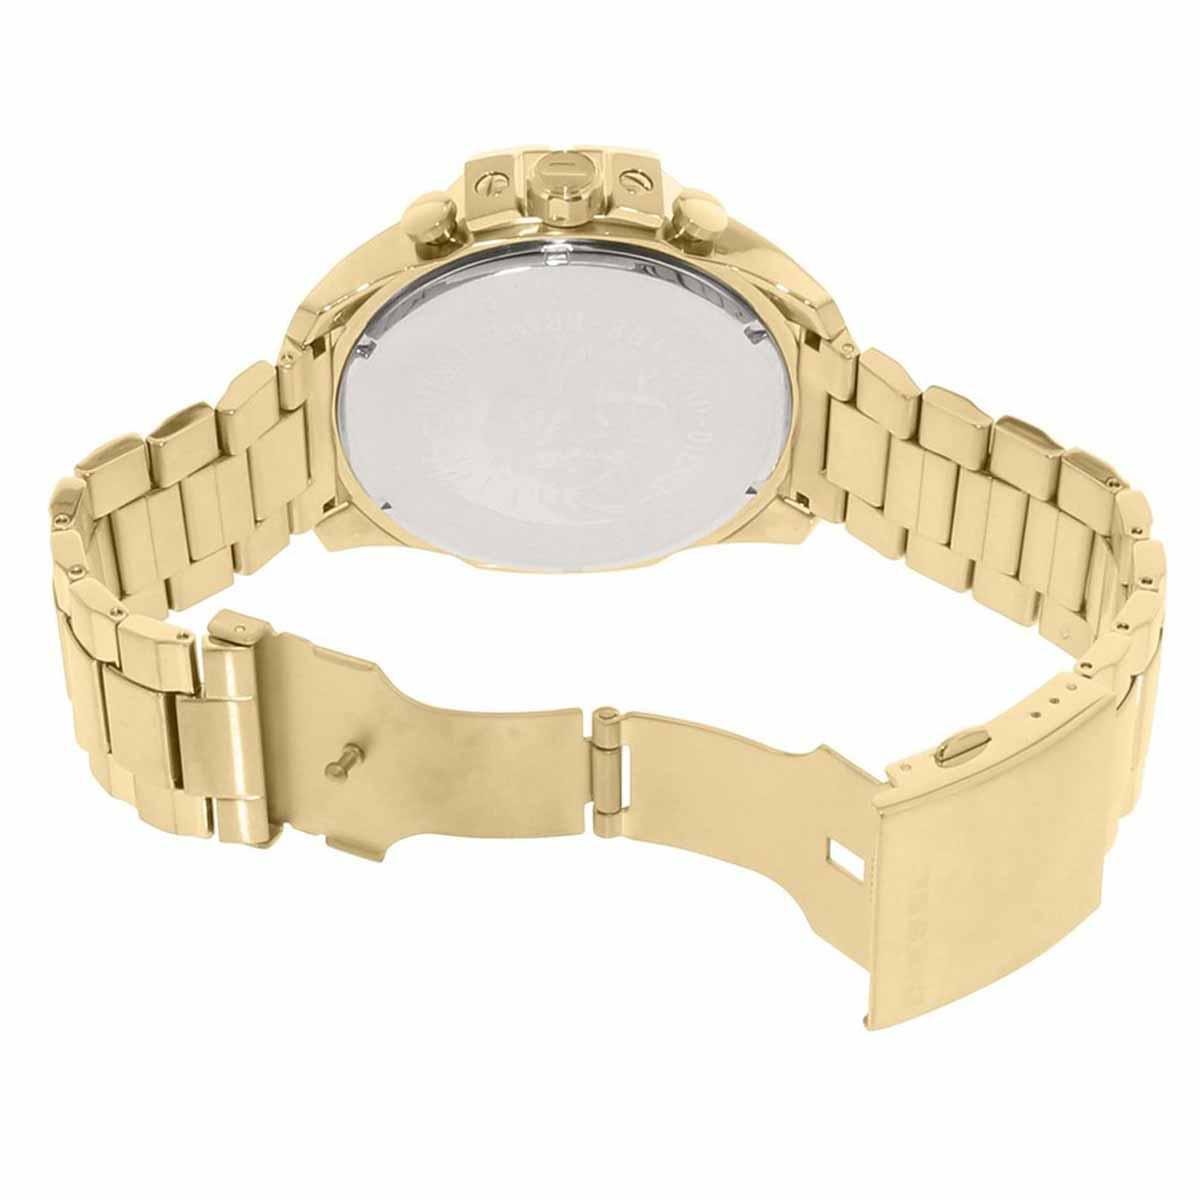 Relógio Diesel Masculino Megachief Dourado 54mm DZ4360/4DN